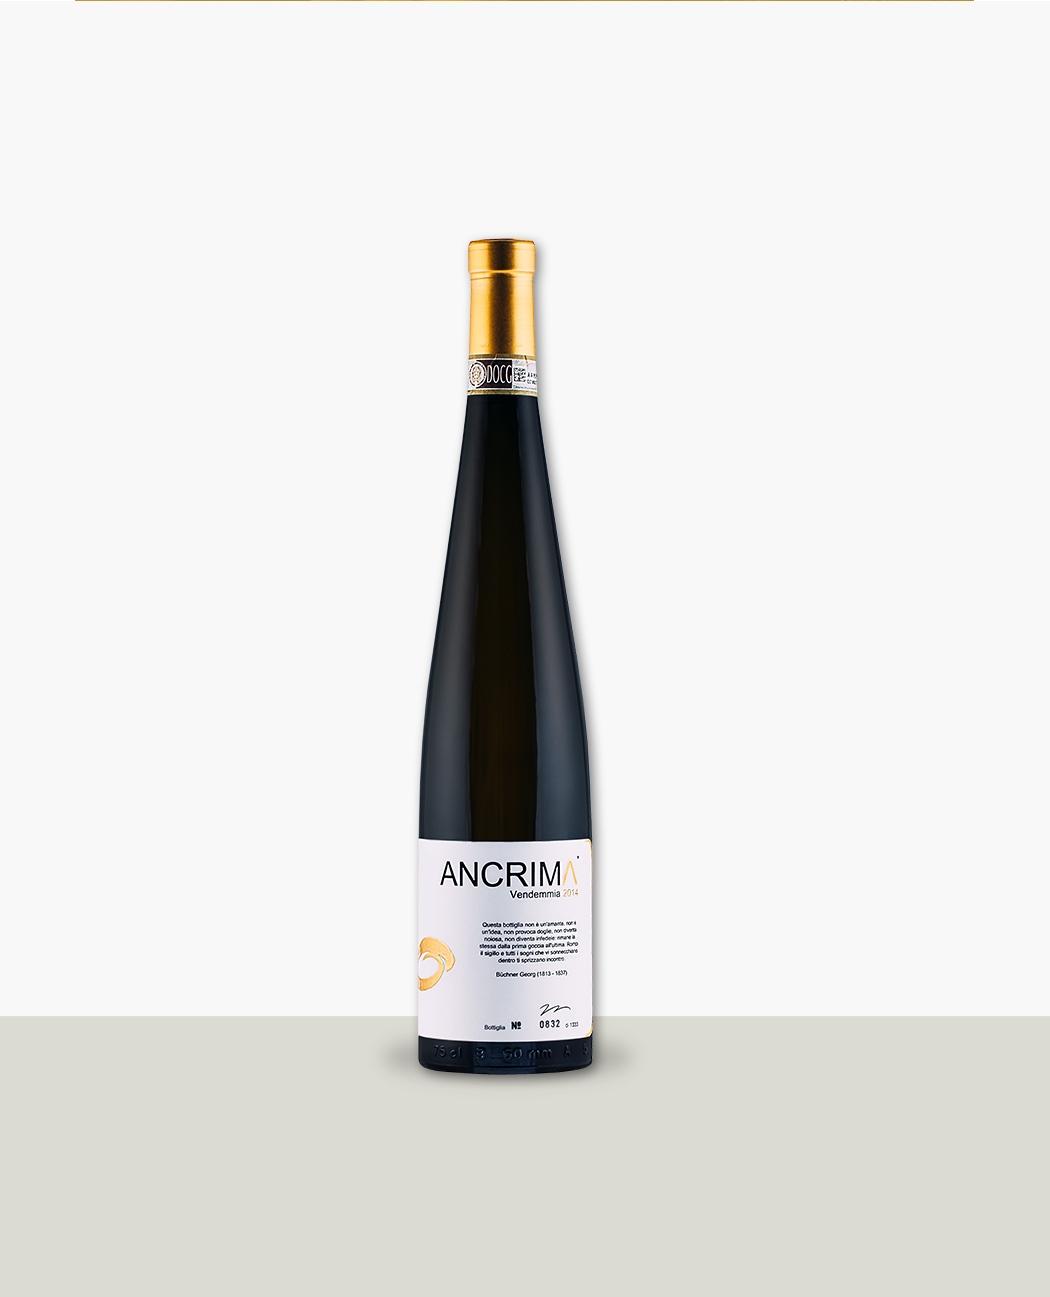 Ancrima - I nostri vini - Vigneti Bonaventura